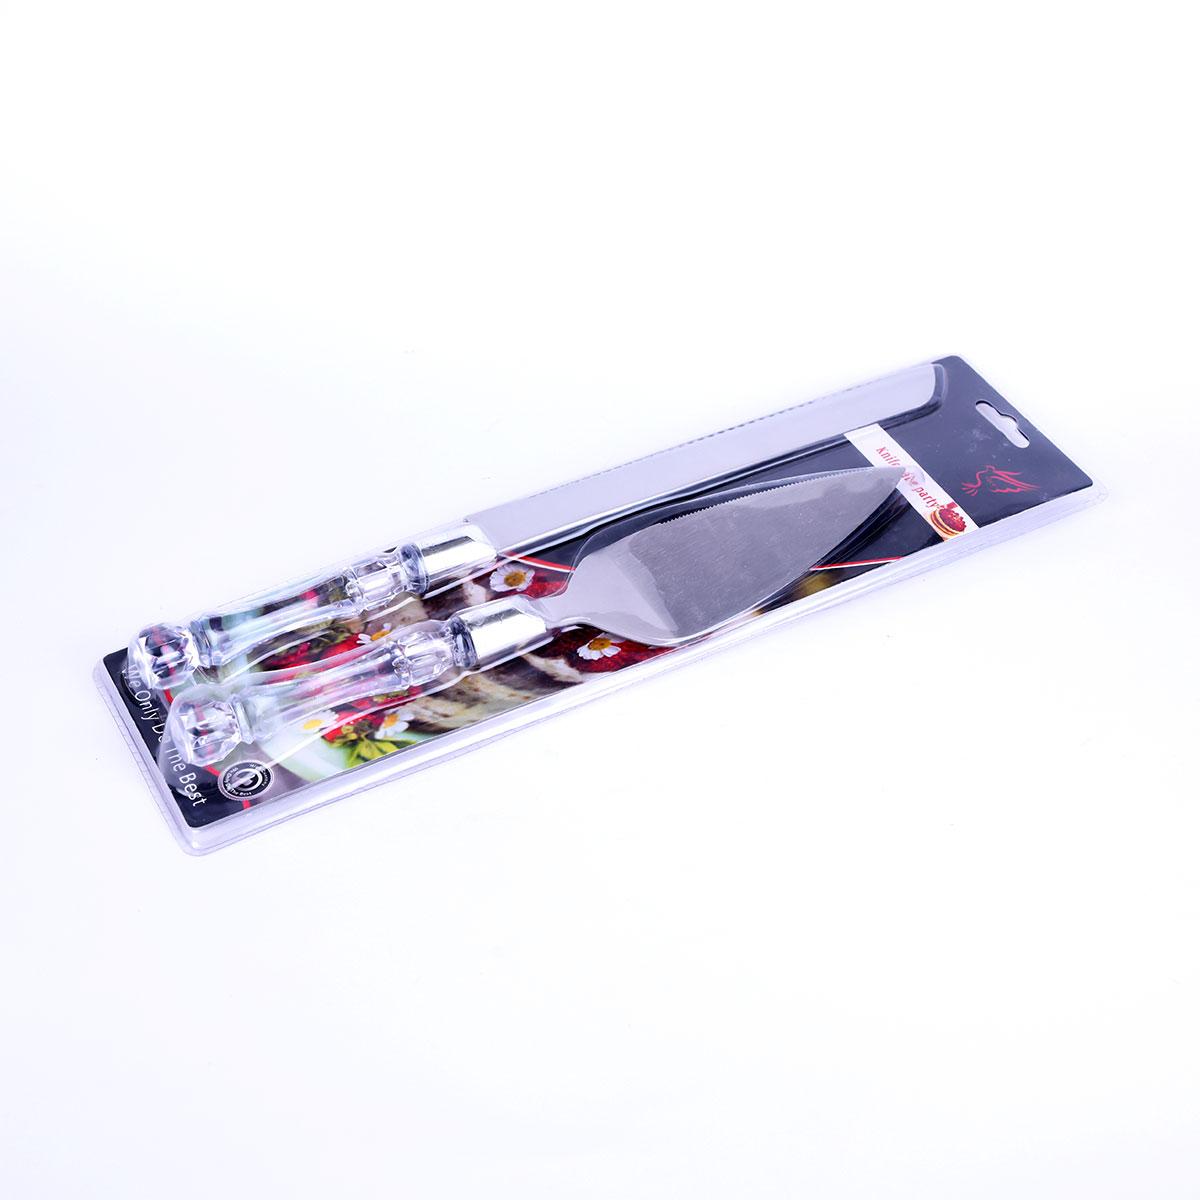 اداة تقطيع الكيك والحلويات سكين + مغرفة تقديم رقم YM-21746